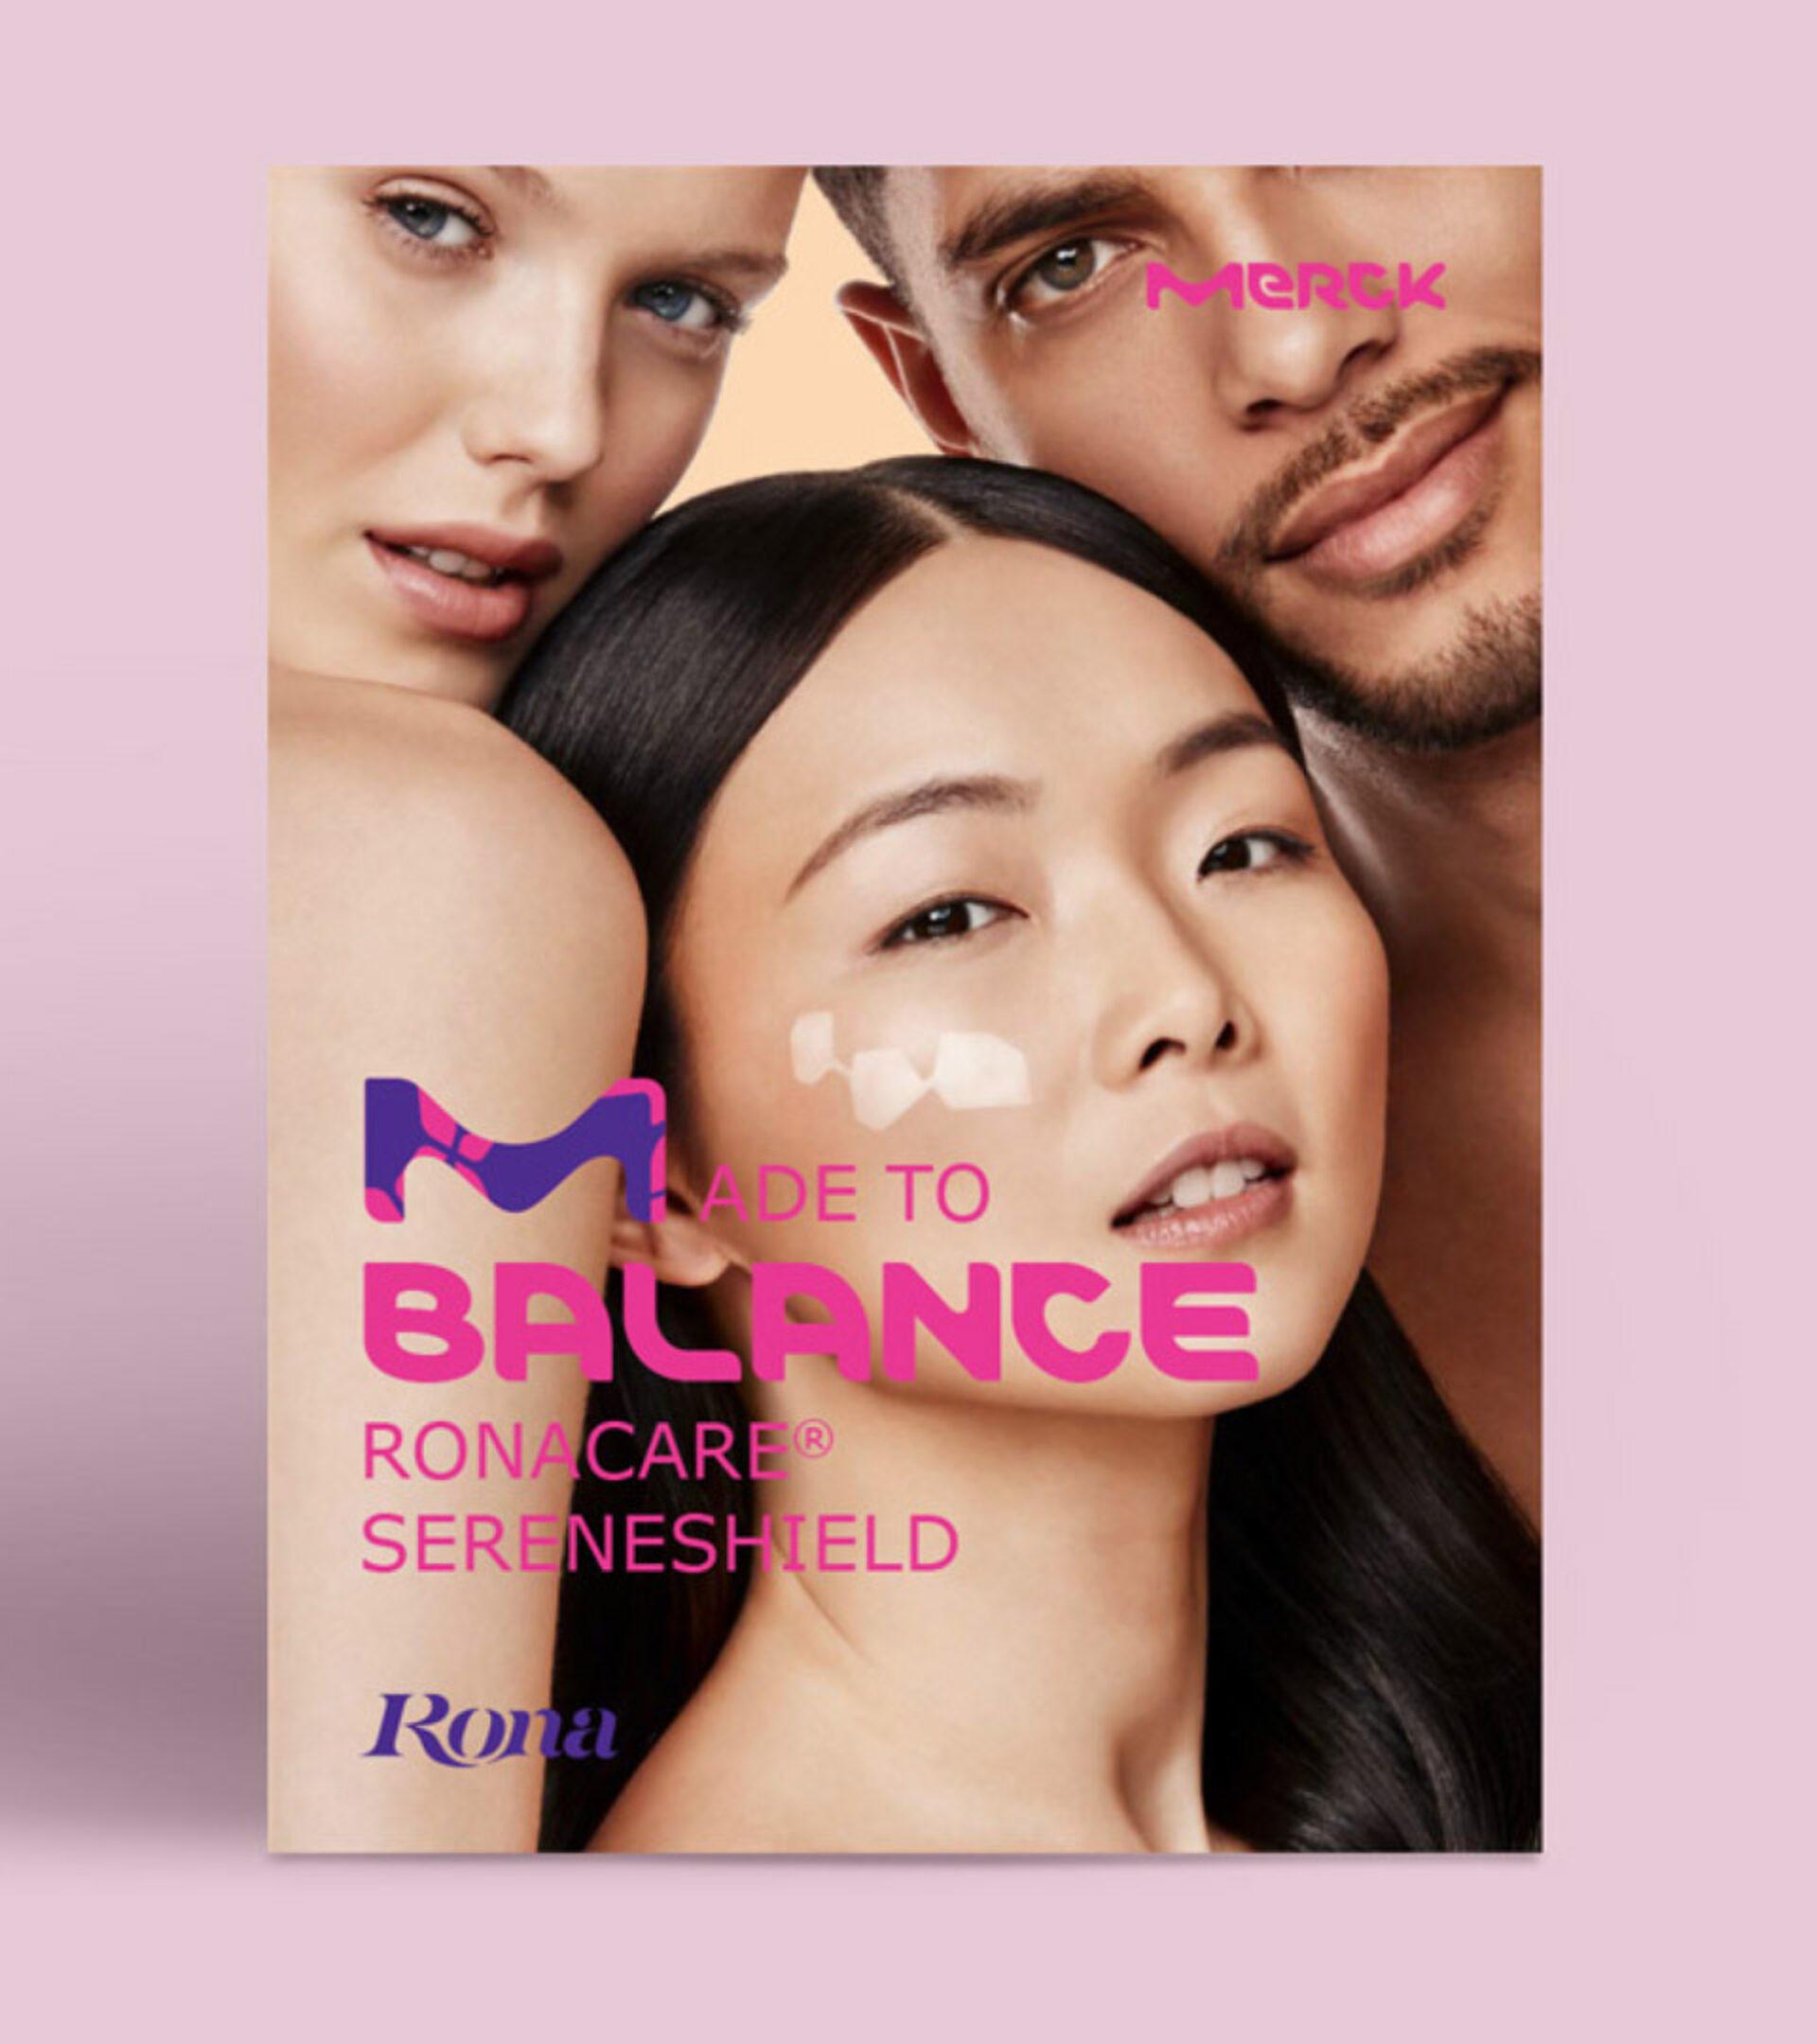 Broschürentitel mit Portrait von zwei Frauen und einem Mann mit weiß geschminkten Zellen im Gesicht und dem Titeltext Made to Balance